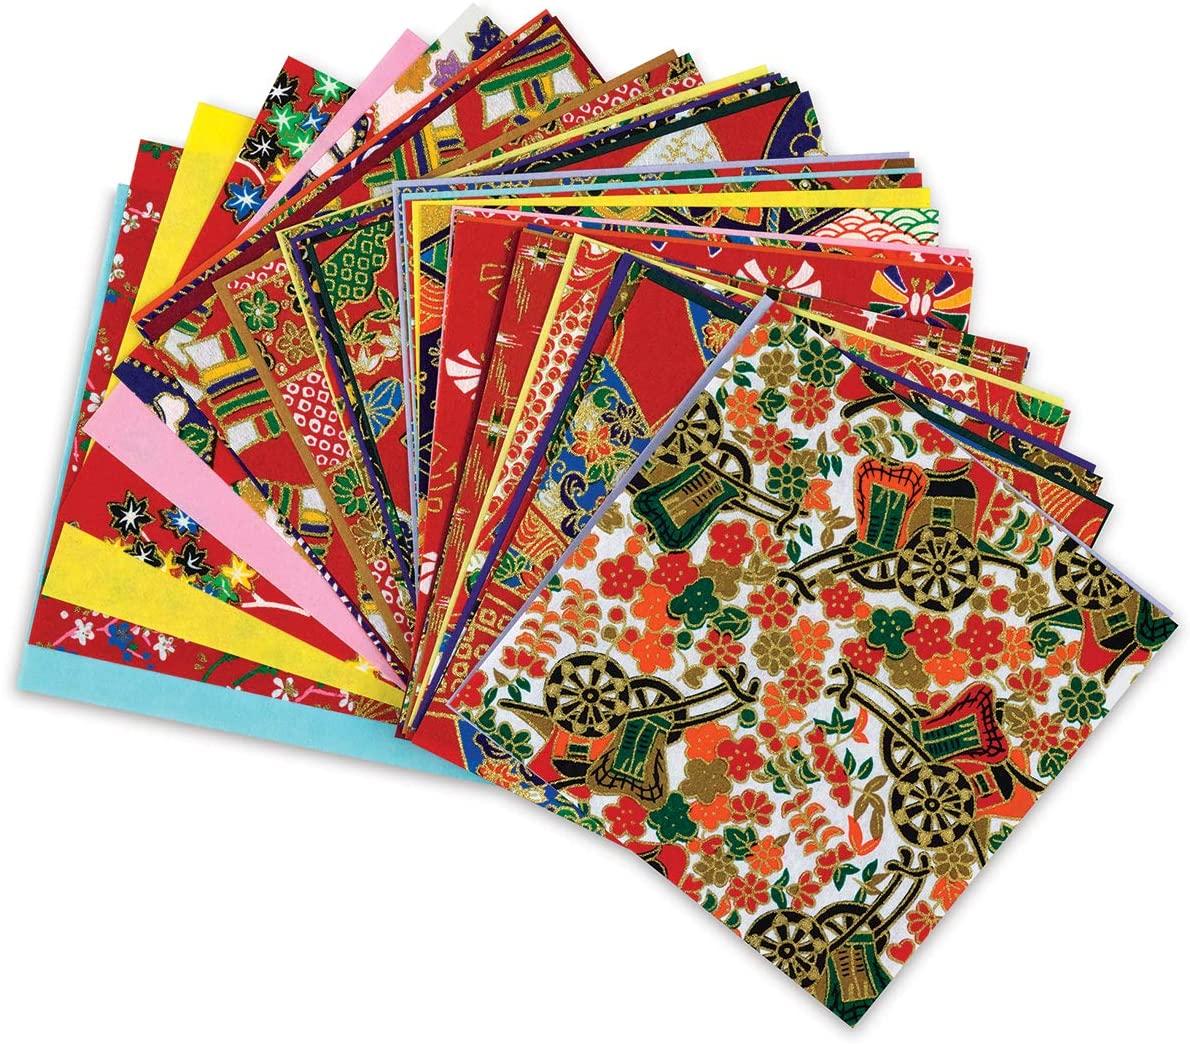 Yuzen Chiyogami LARGE Set of 40 Sheets